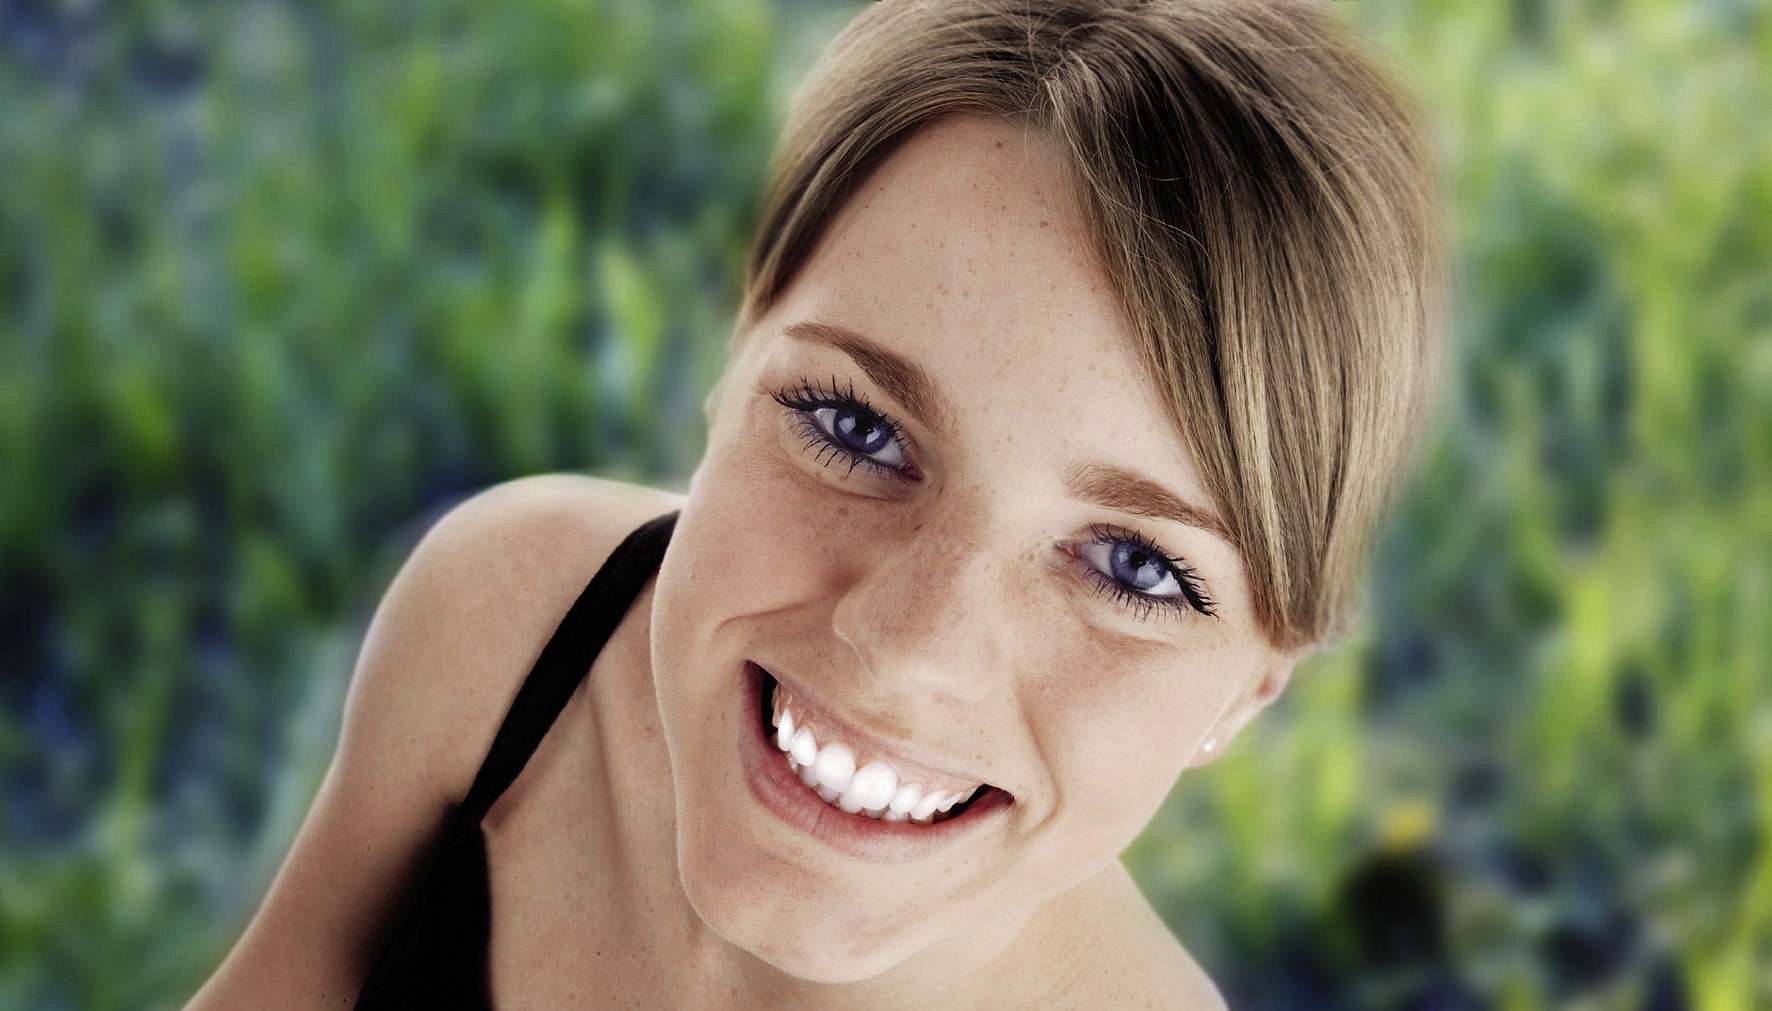 Zahnesatz ist professionelle Maßarbeit vom Spezialisten